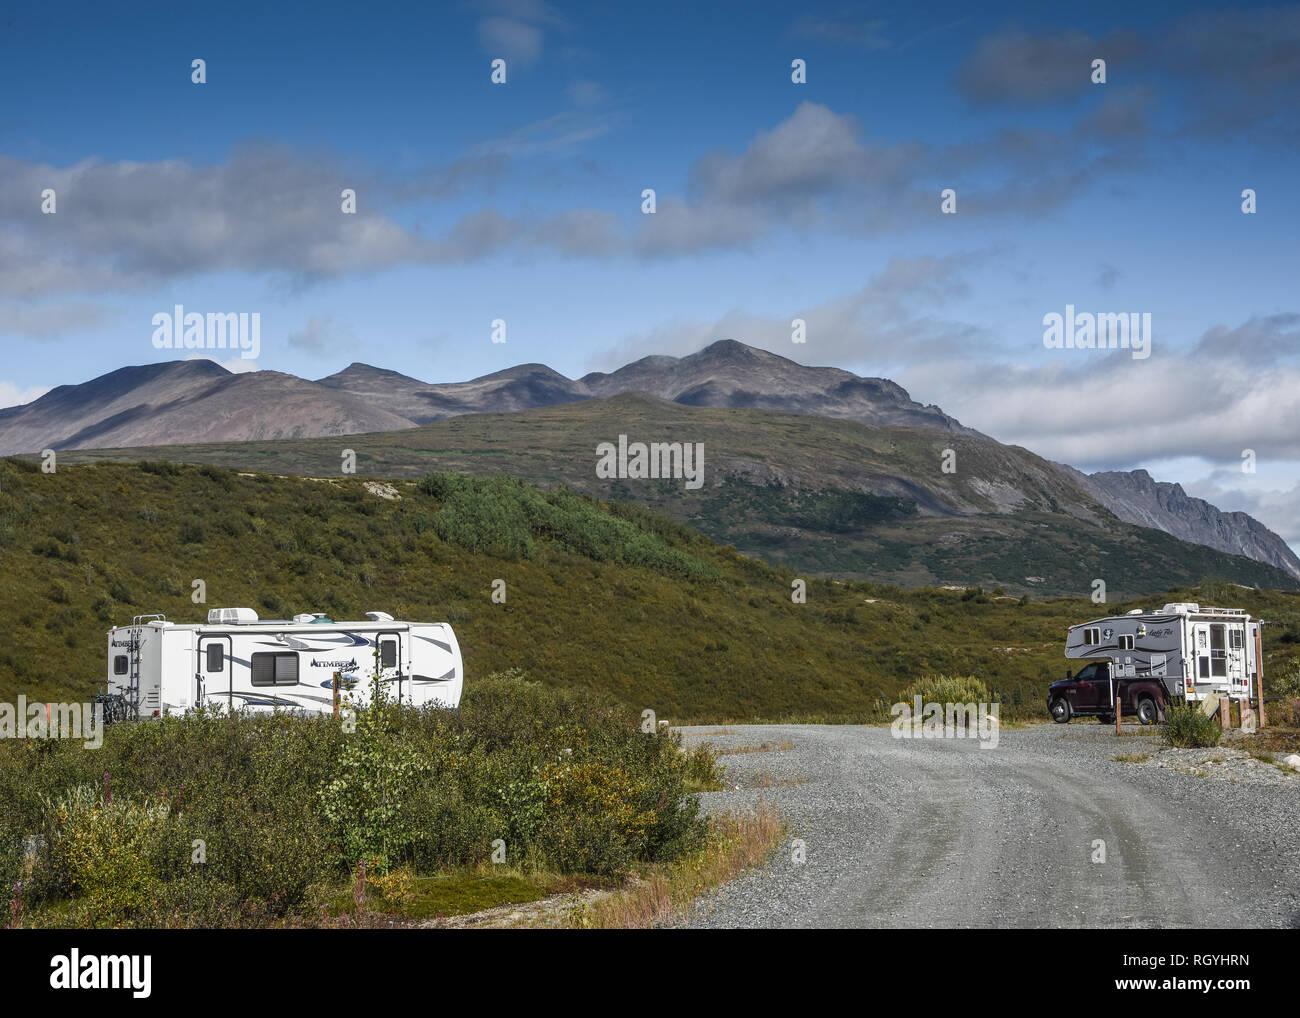 Camping at the BLM campground at Tangle Lake on the Denali Highway, Alaska, USA - Stock Image